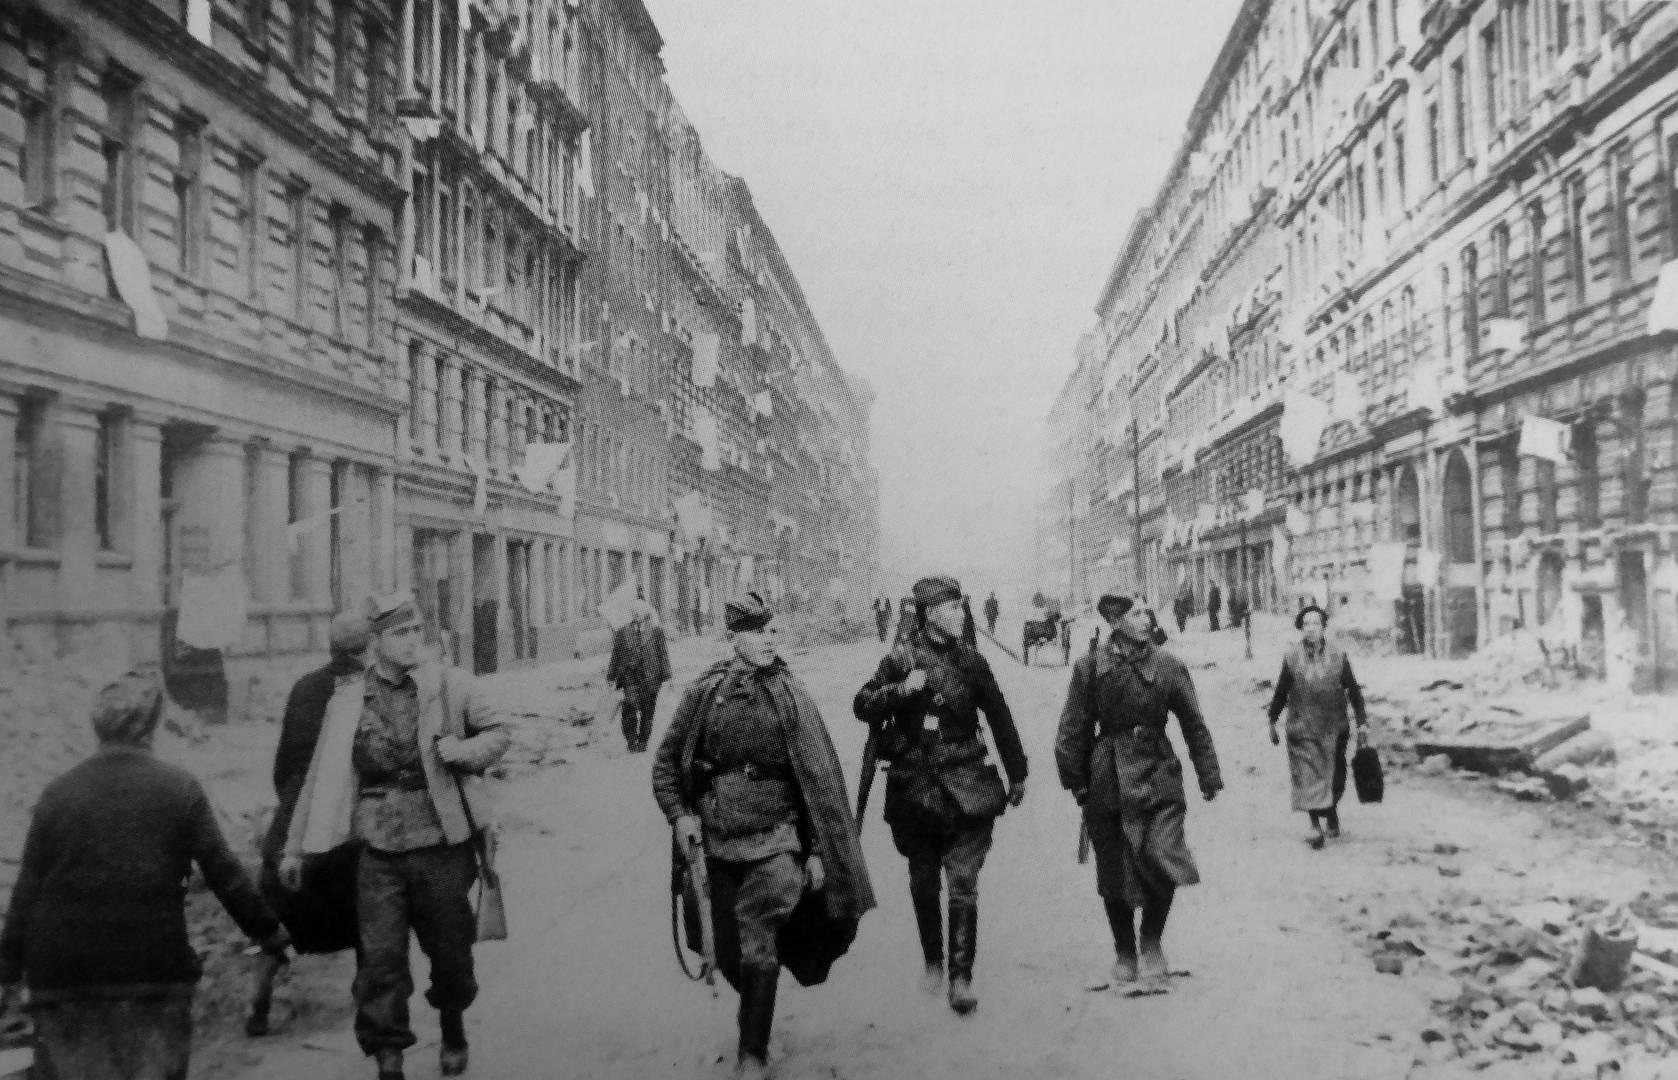 Красноармейцы и местные жители на улице Берлина после боев. Май 1945 г.